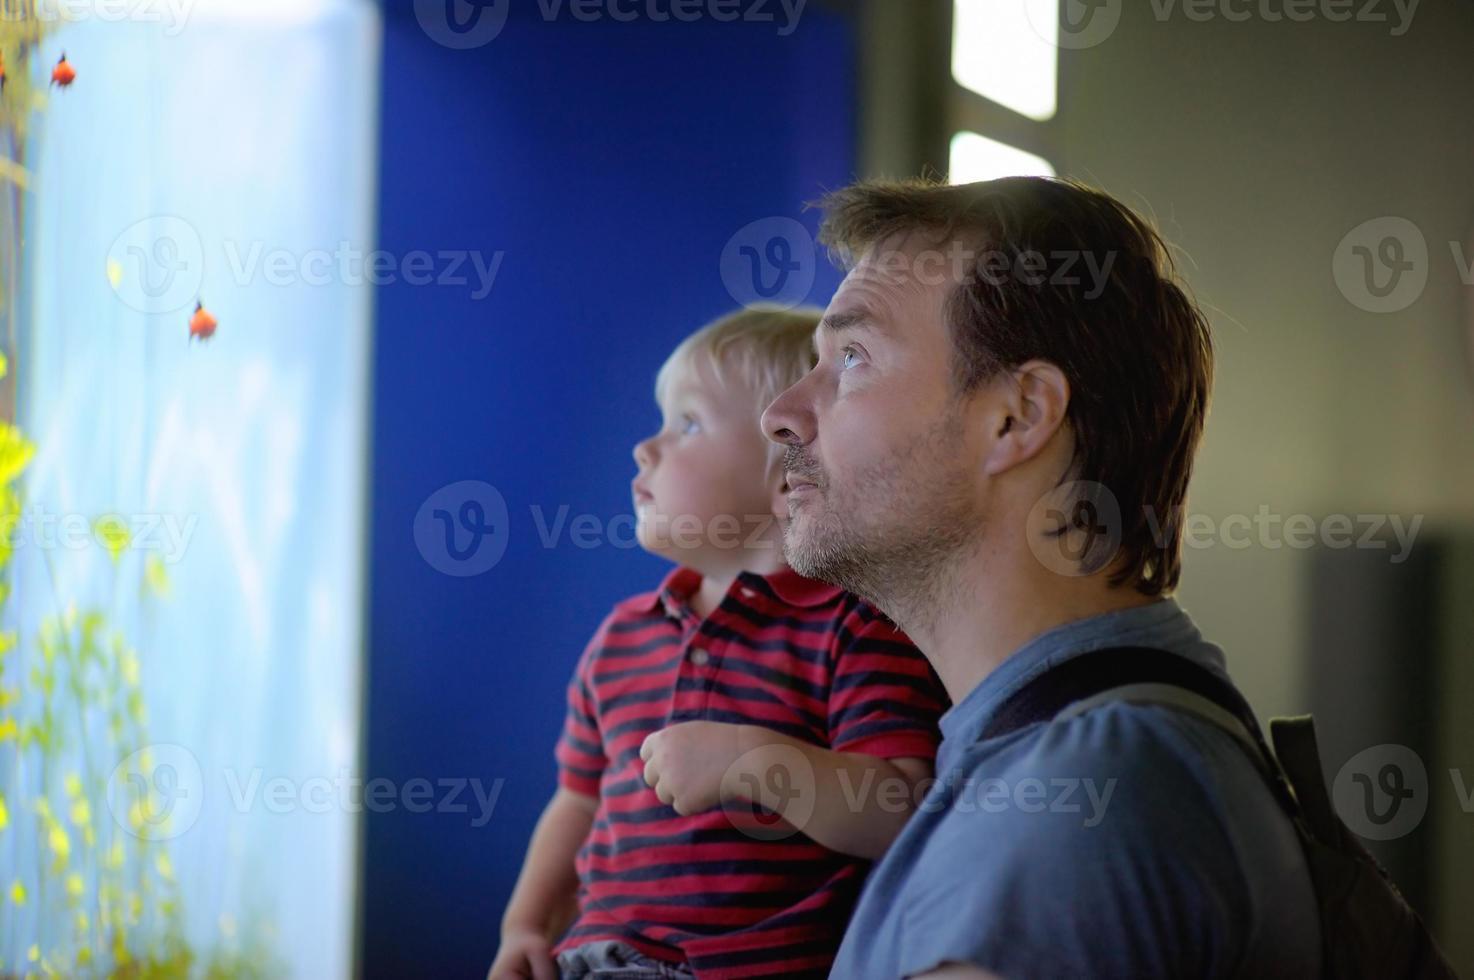 pai e filho desfrutando de vistas da vida subaquática foto